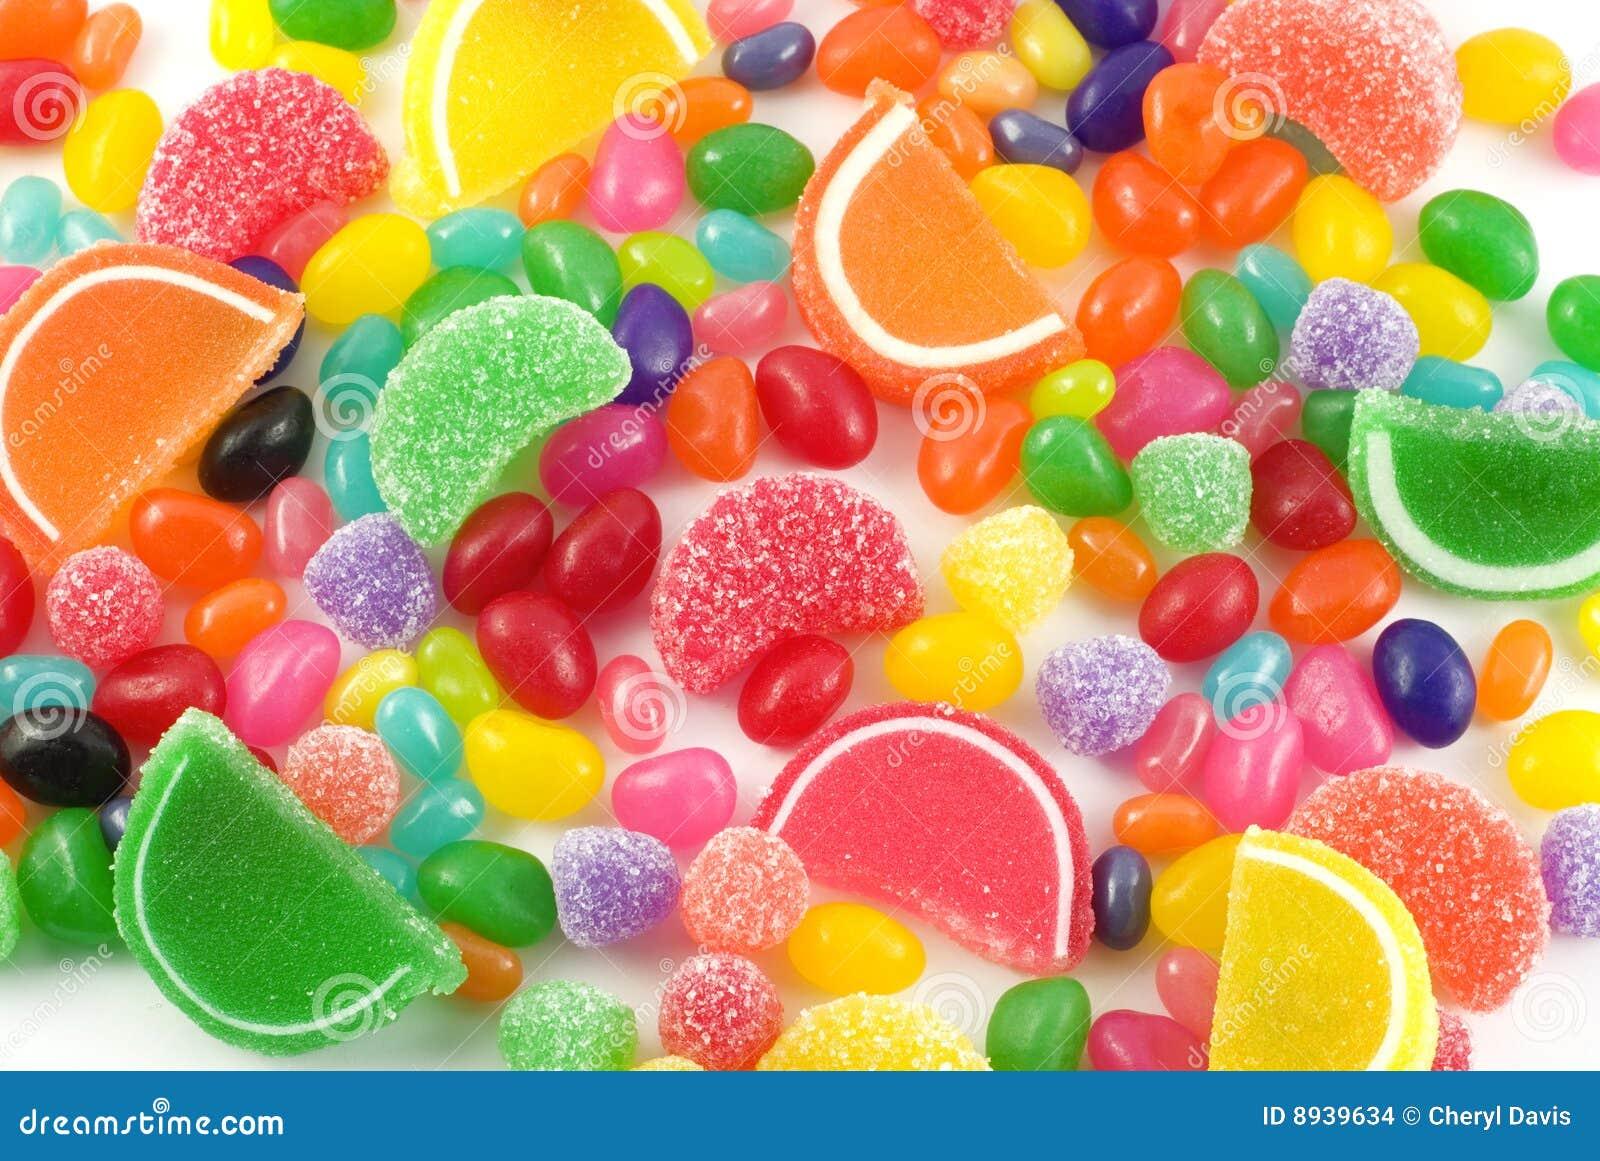 五颜六色背景的糖果